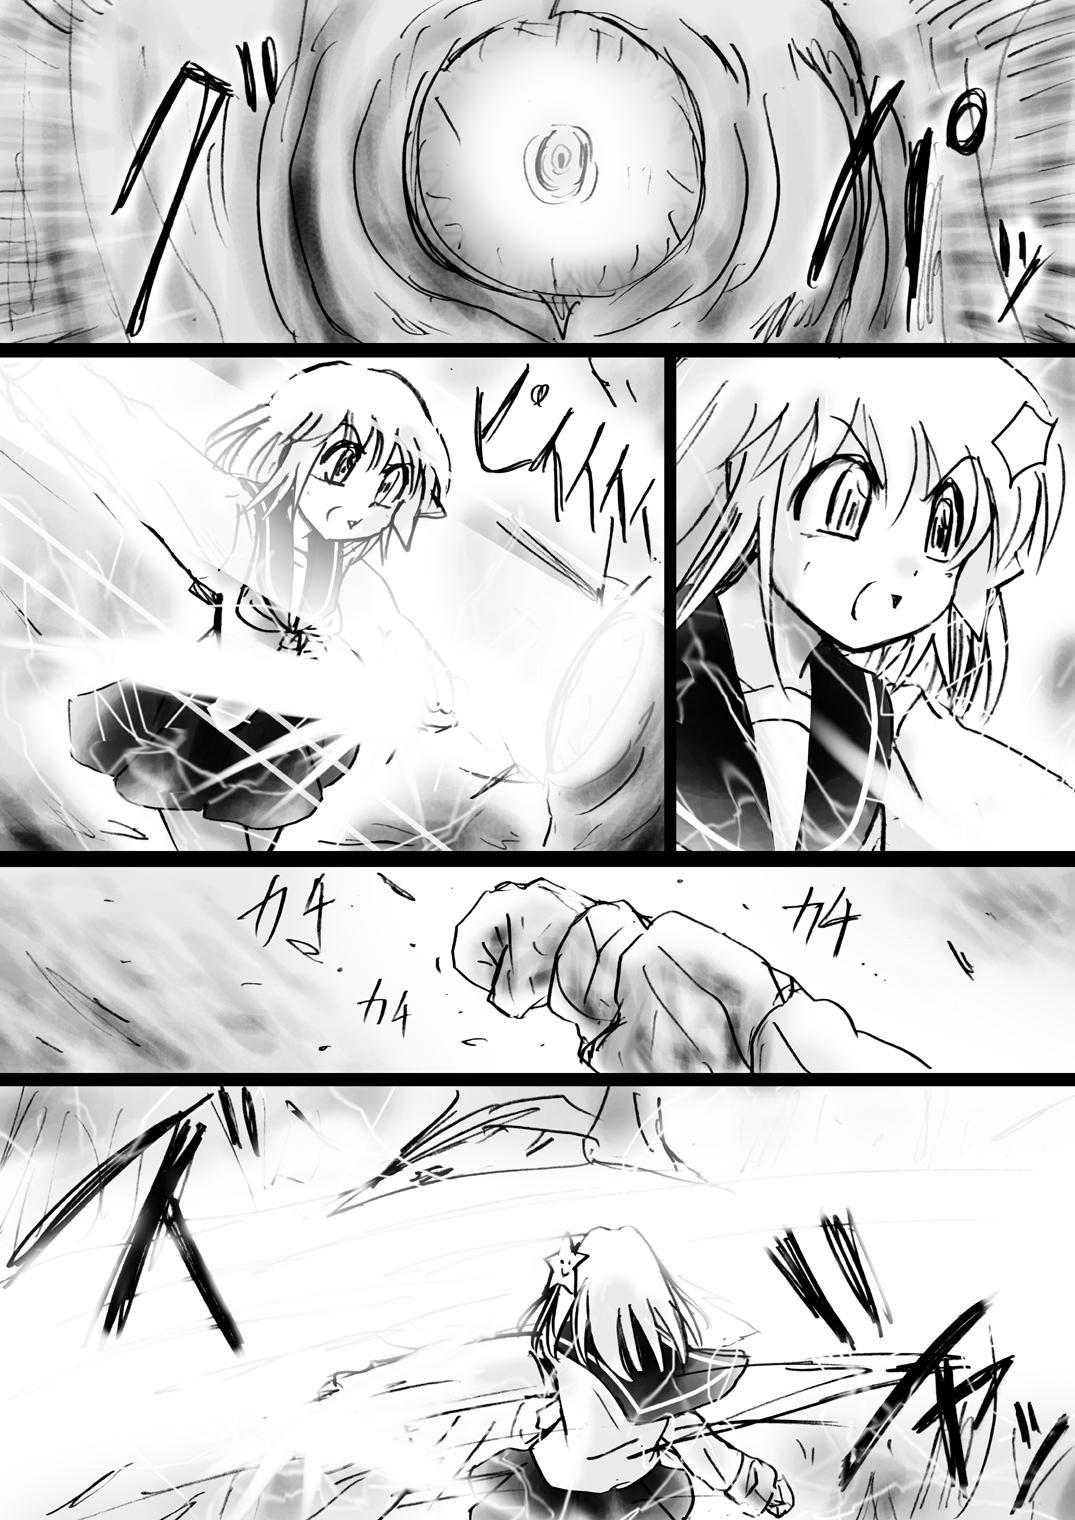 [Dende] Fushigi Sekai -Mystery World- no Nona 17 ~ Taiketsu Fujimi no Dai Inma Dakurasu, Kanzen Sekka no Kyoufu 65